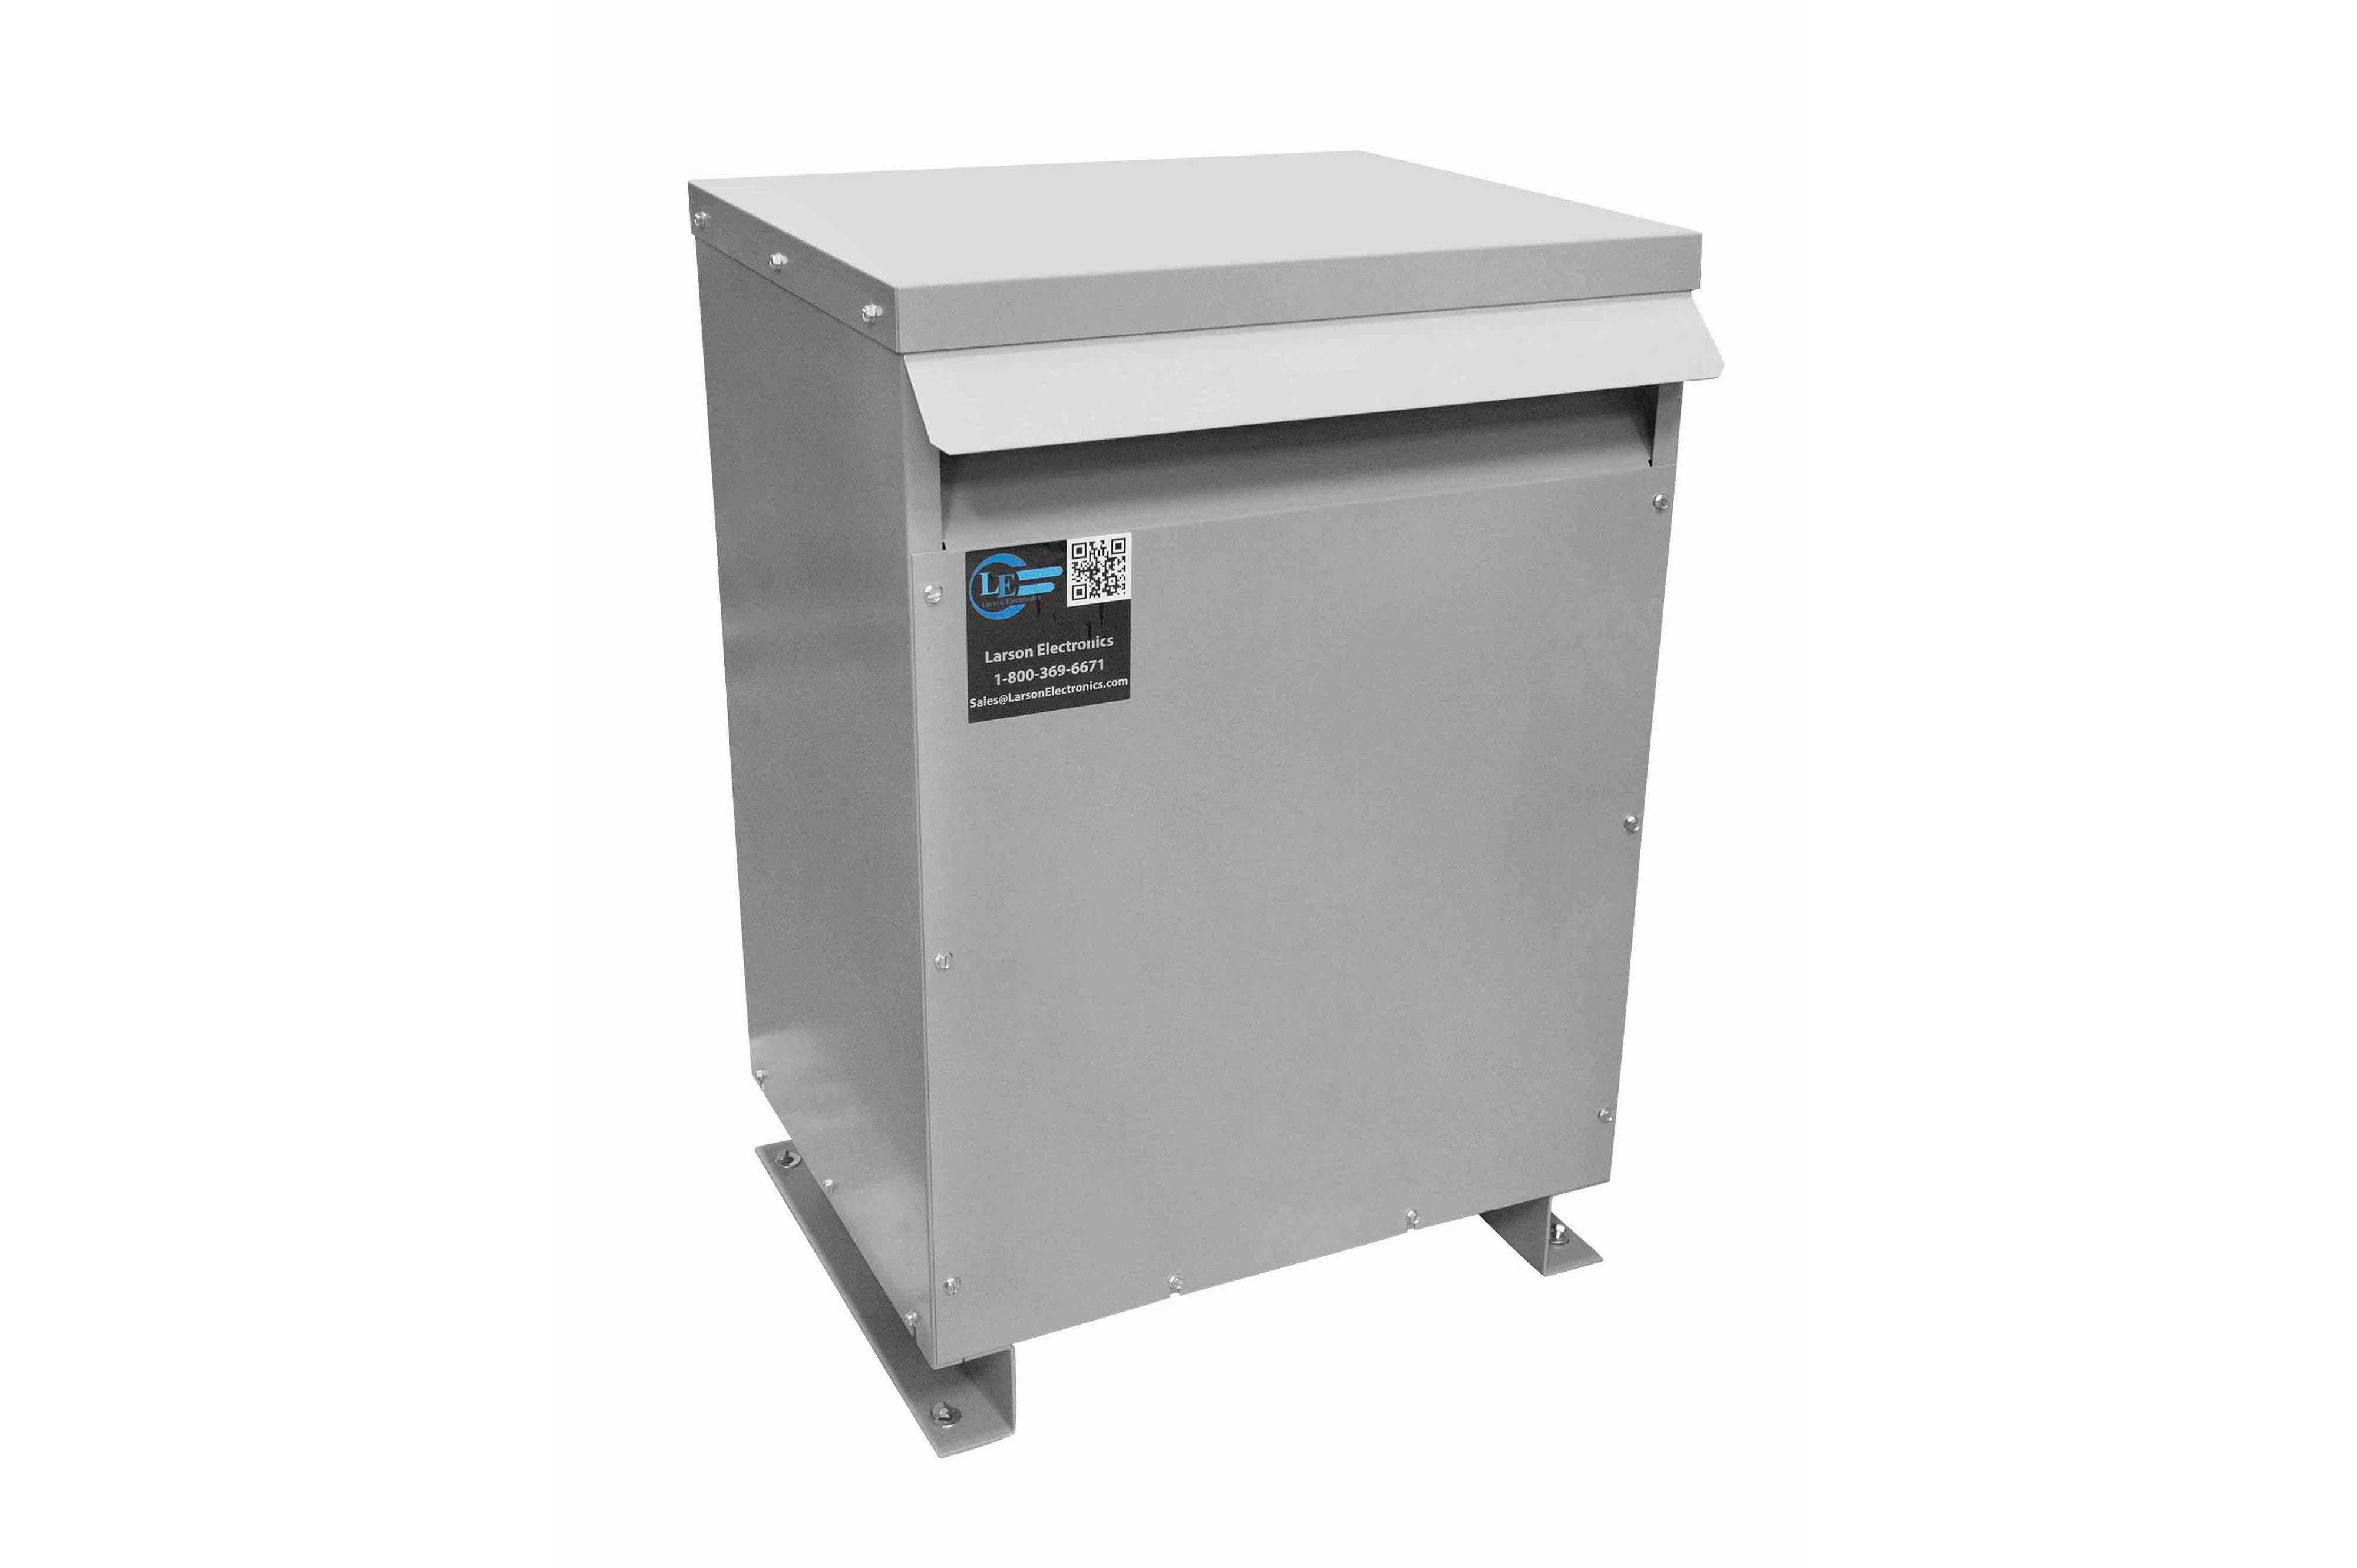 11 kVA 3PH Isolation Transformer, 575V Delta Primary, 240 Delta Secondary, N3R, Ventilated, 60 Hz